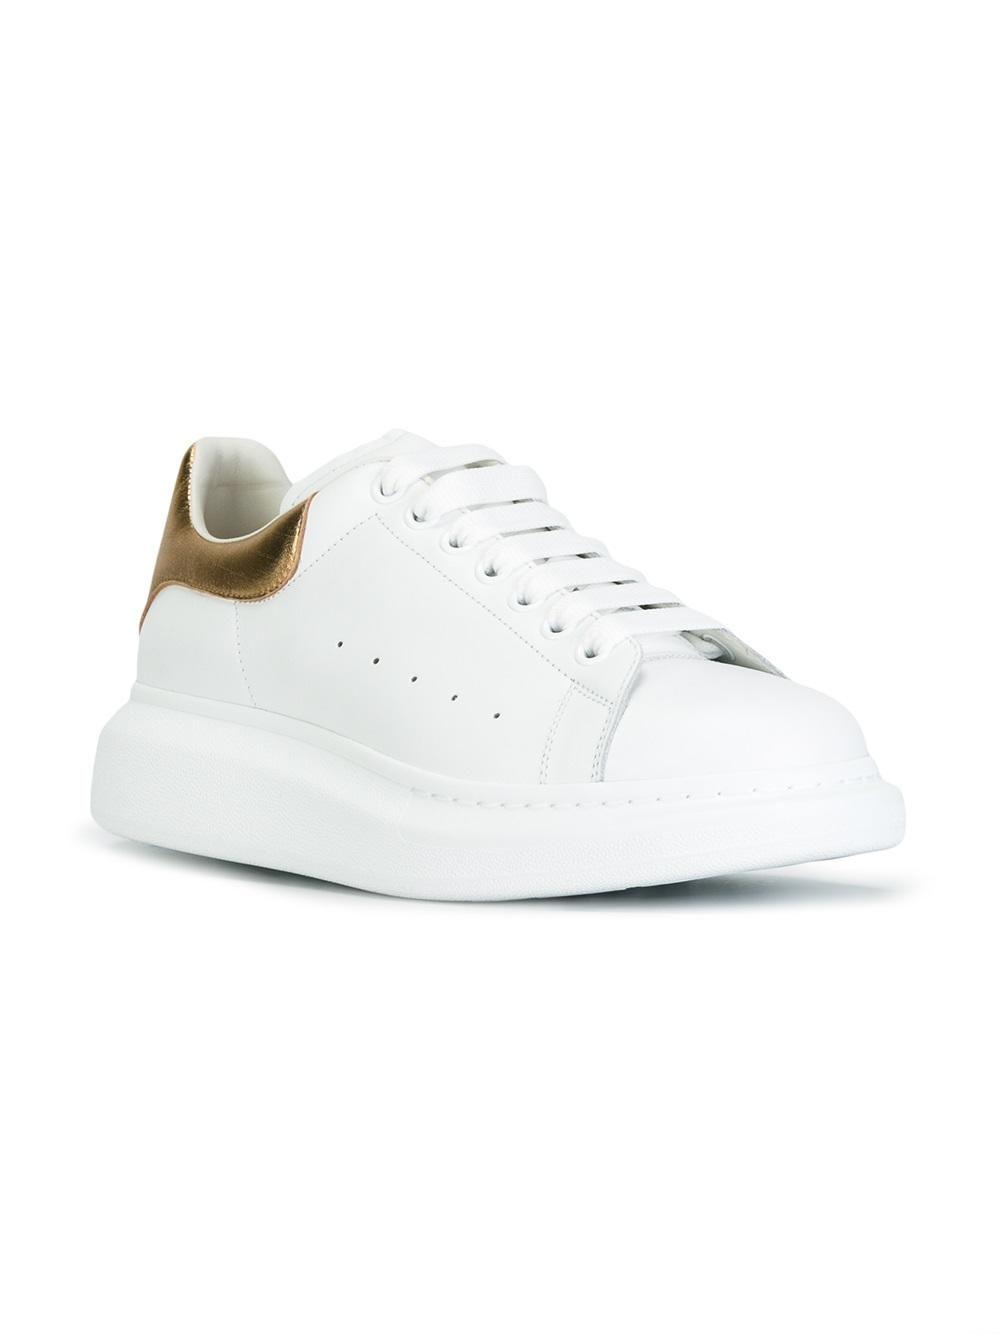 ALEXANDER MCQUEEN extended sole sneakers  575   Sneakers - Alexander ... 8185ff5c379